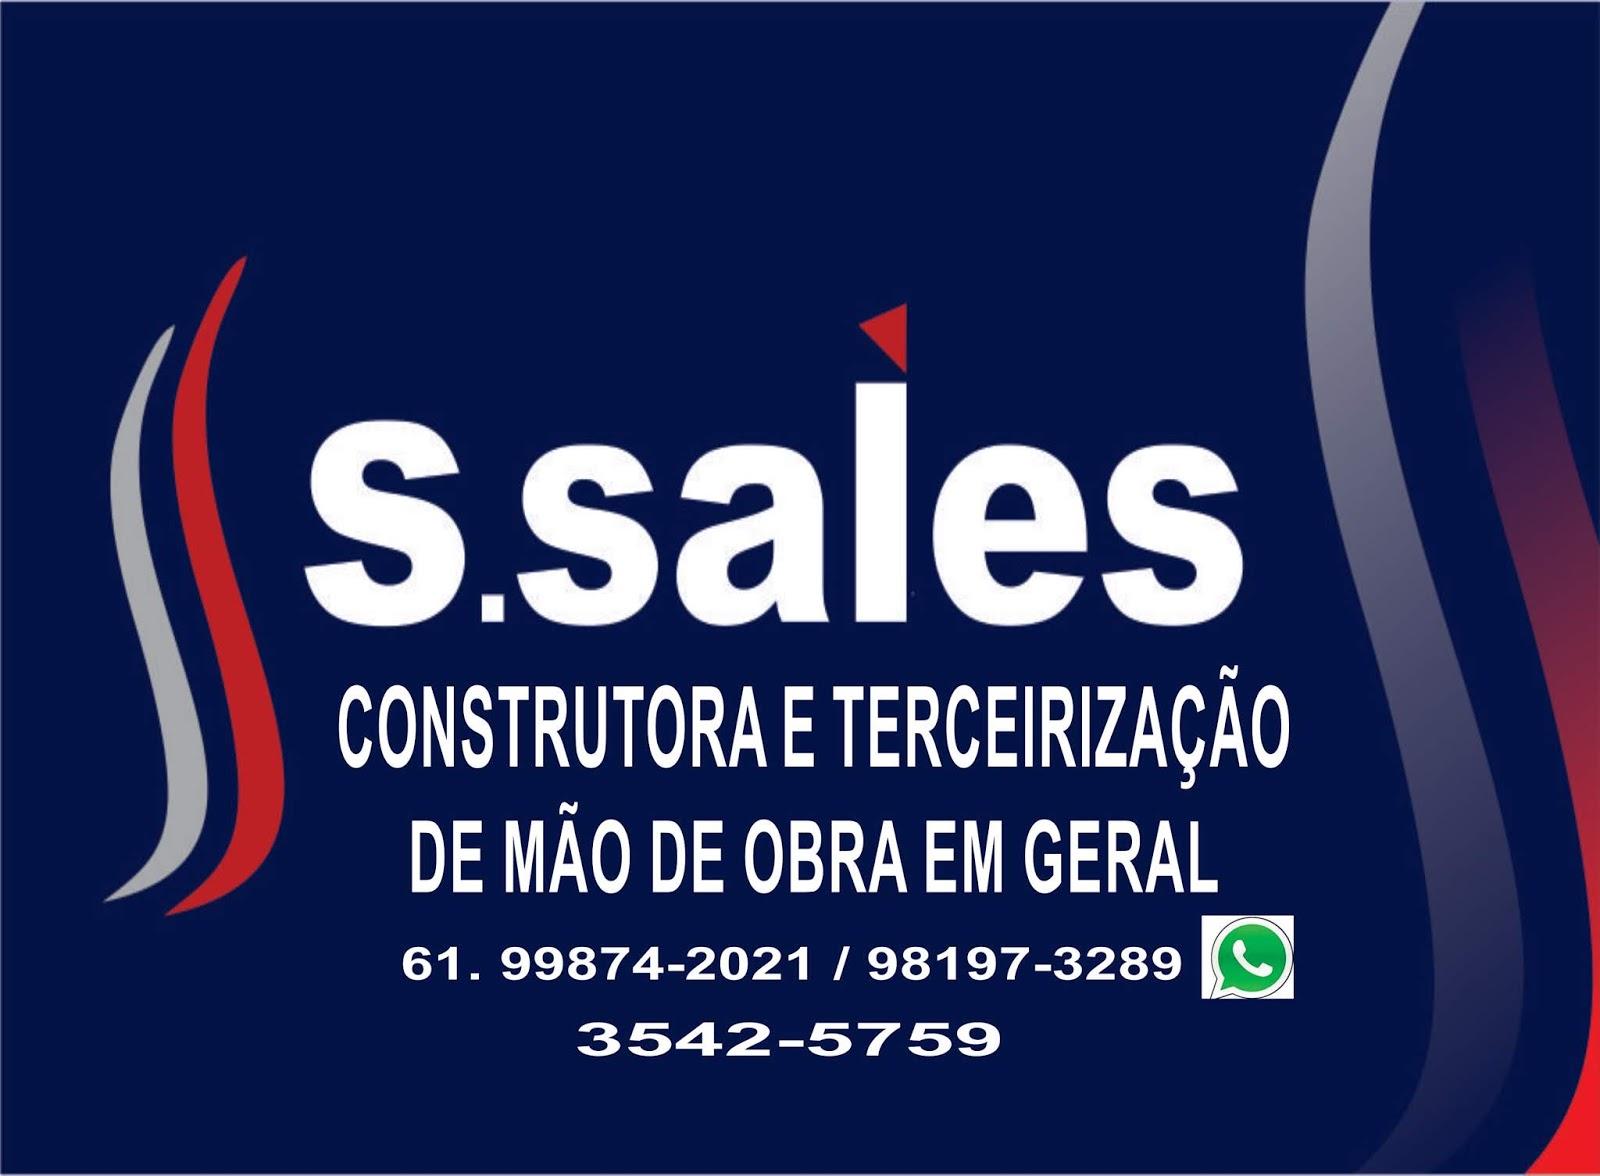 S%2BSALES - Sindicato diz que Mourão descartou capitalizar a Eletrobras em 2019